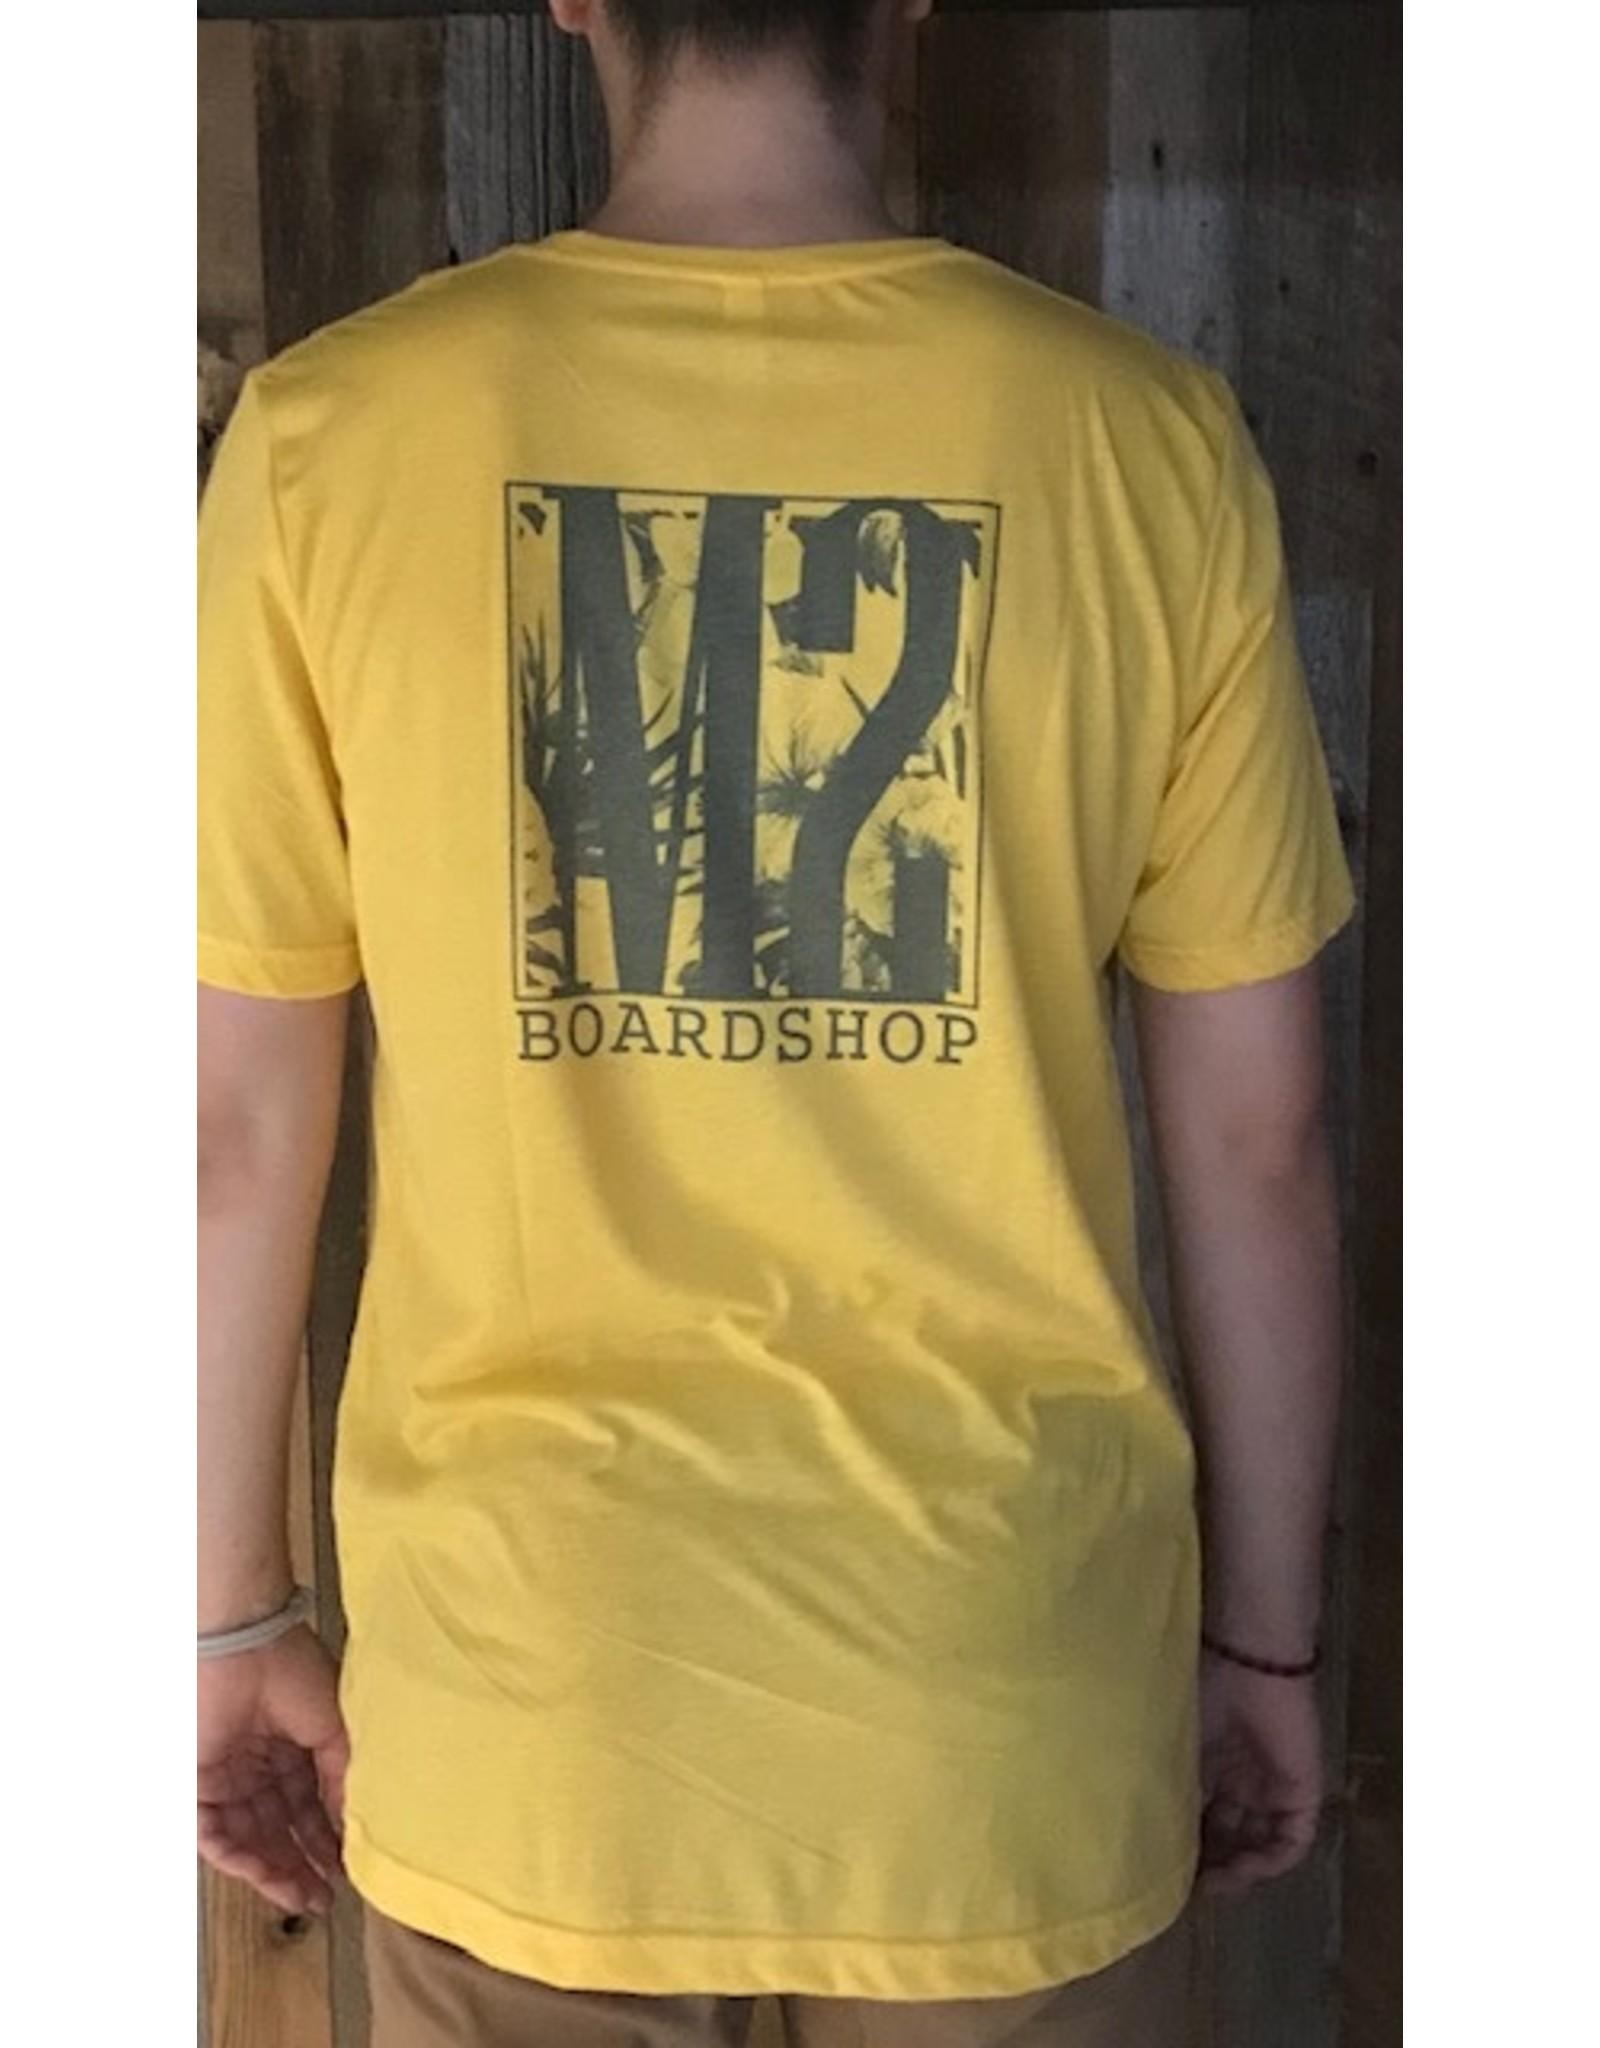 m2 boardshop M2 - t-shirt floral